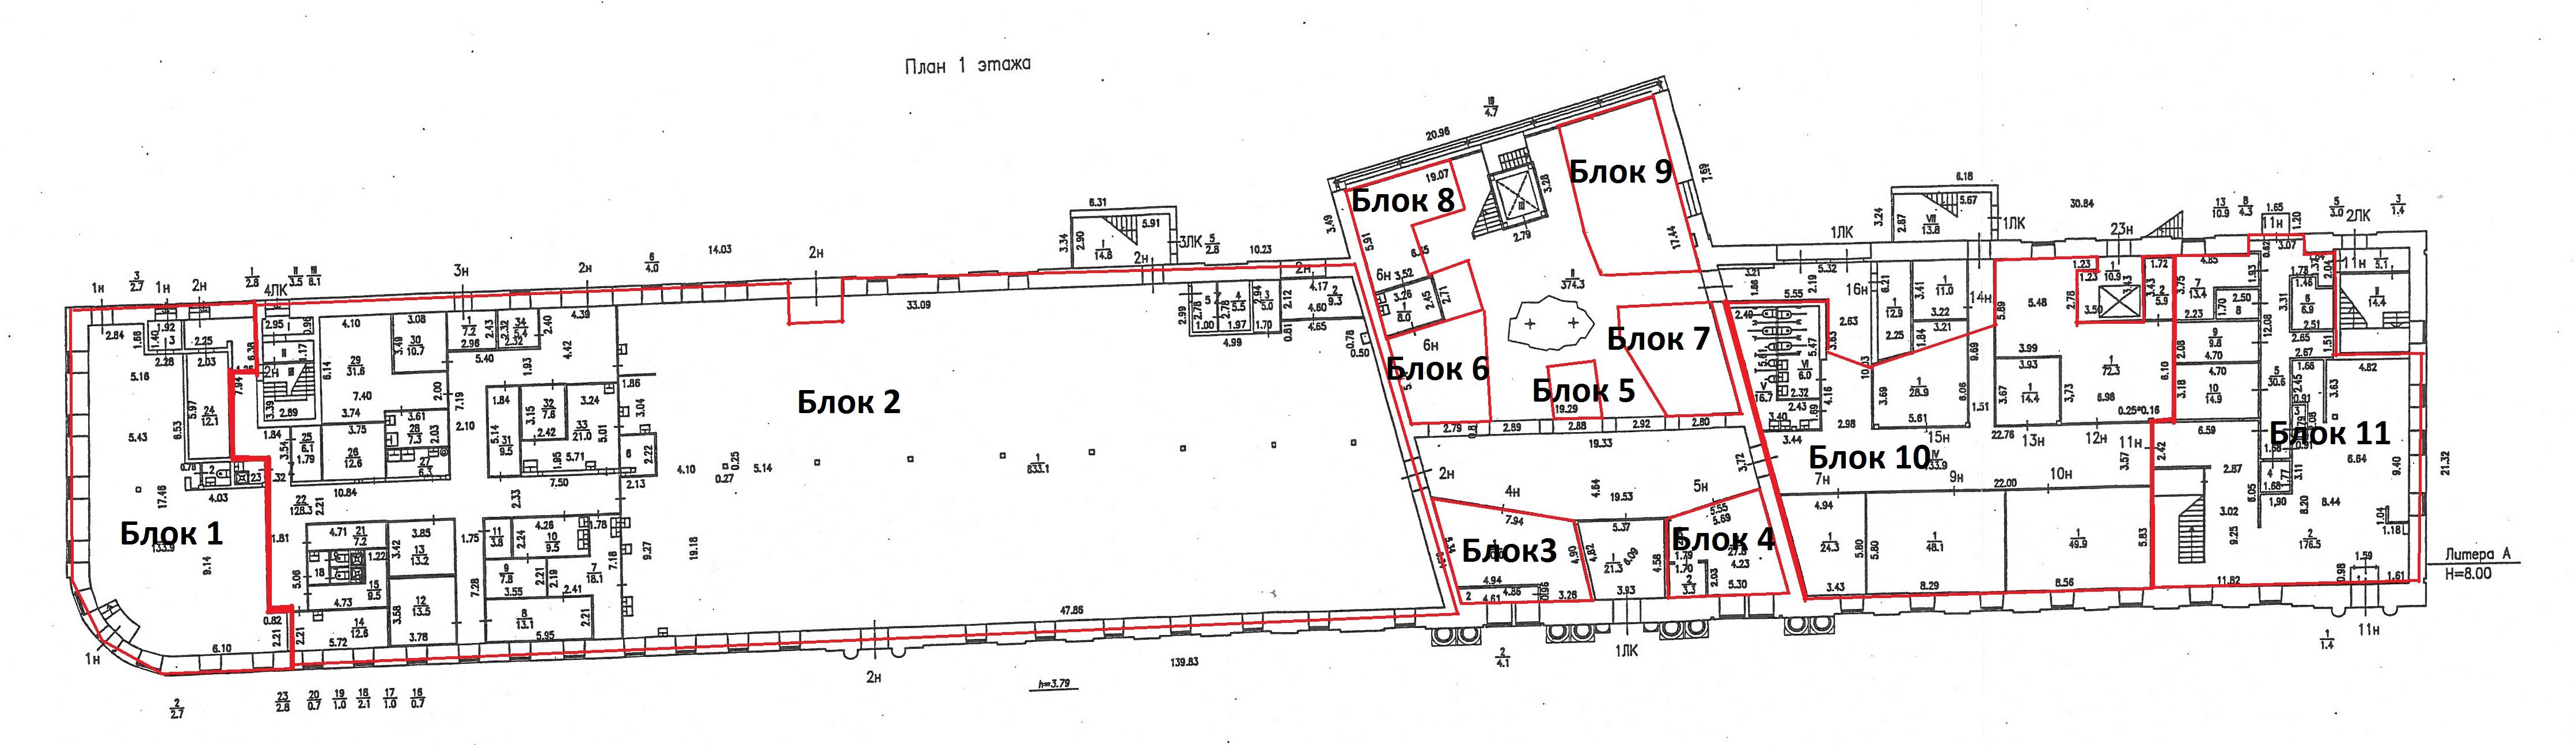 Пример раздела помещения. Будет подготовлен проект перепланировки, так как на месте обозначенных блоков появятся стены